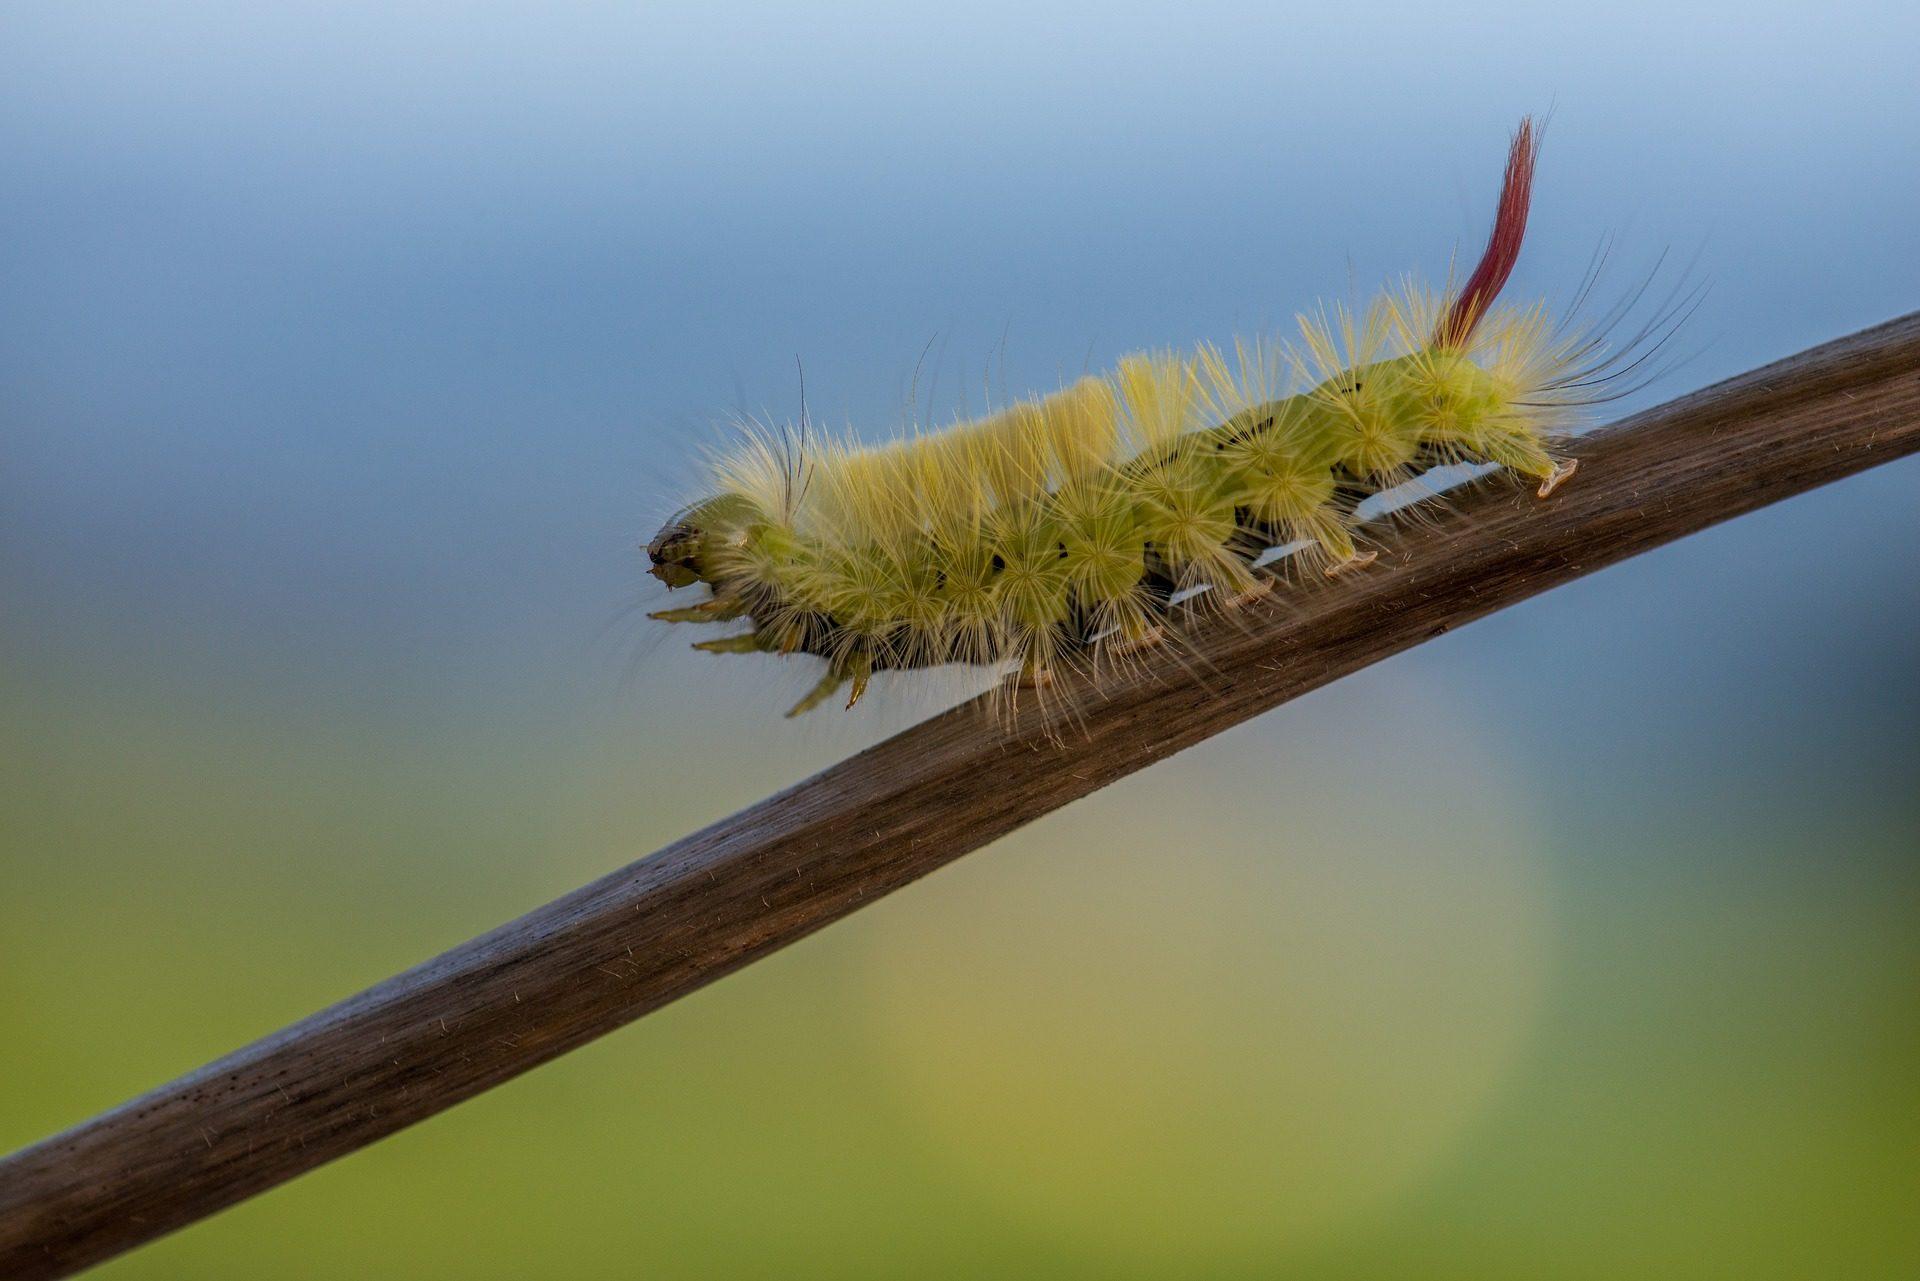 Caterpillar, insetto, peli, bastone, gambe - Sfondi HD - Professor-falken.com